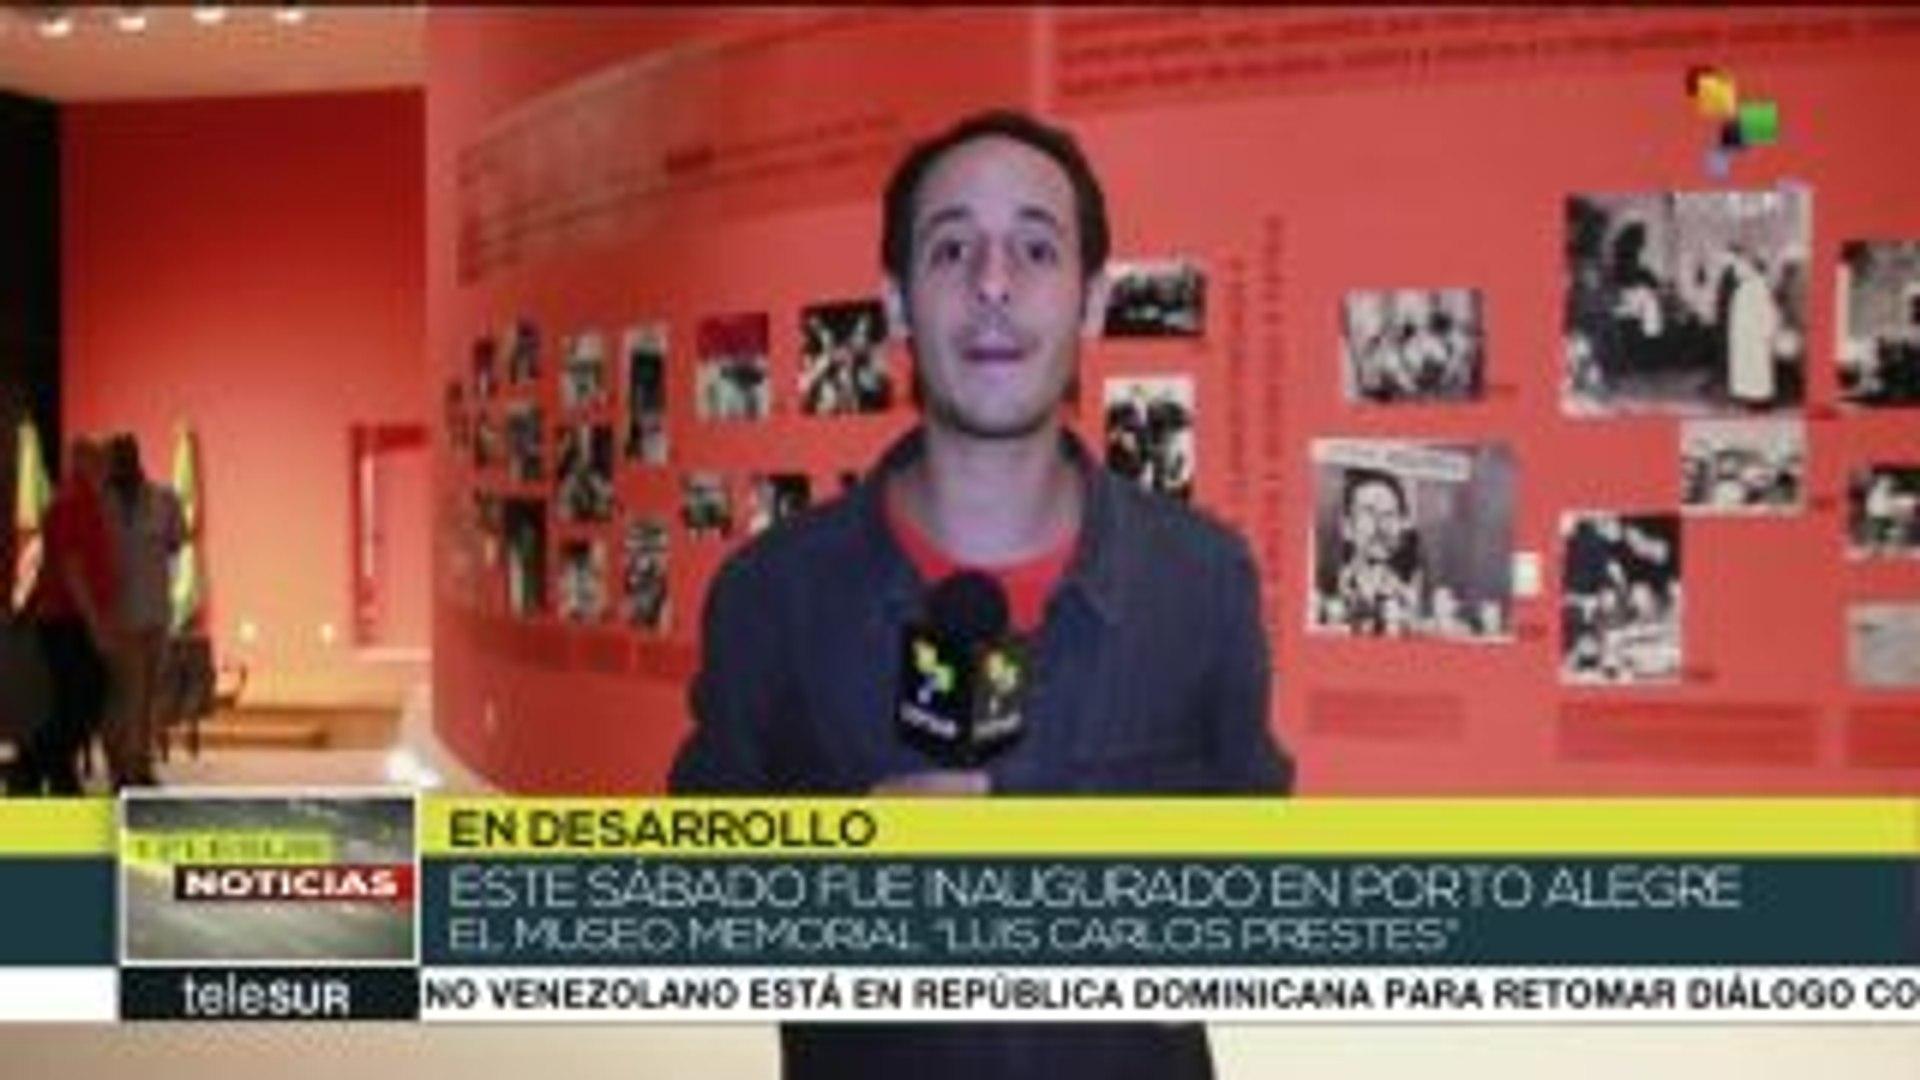 Brasil: Memorial expone muestra fotográfica sobre Luiz Carlos Prestes